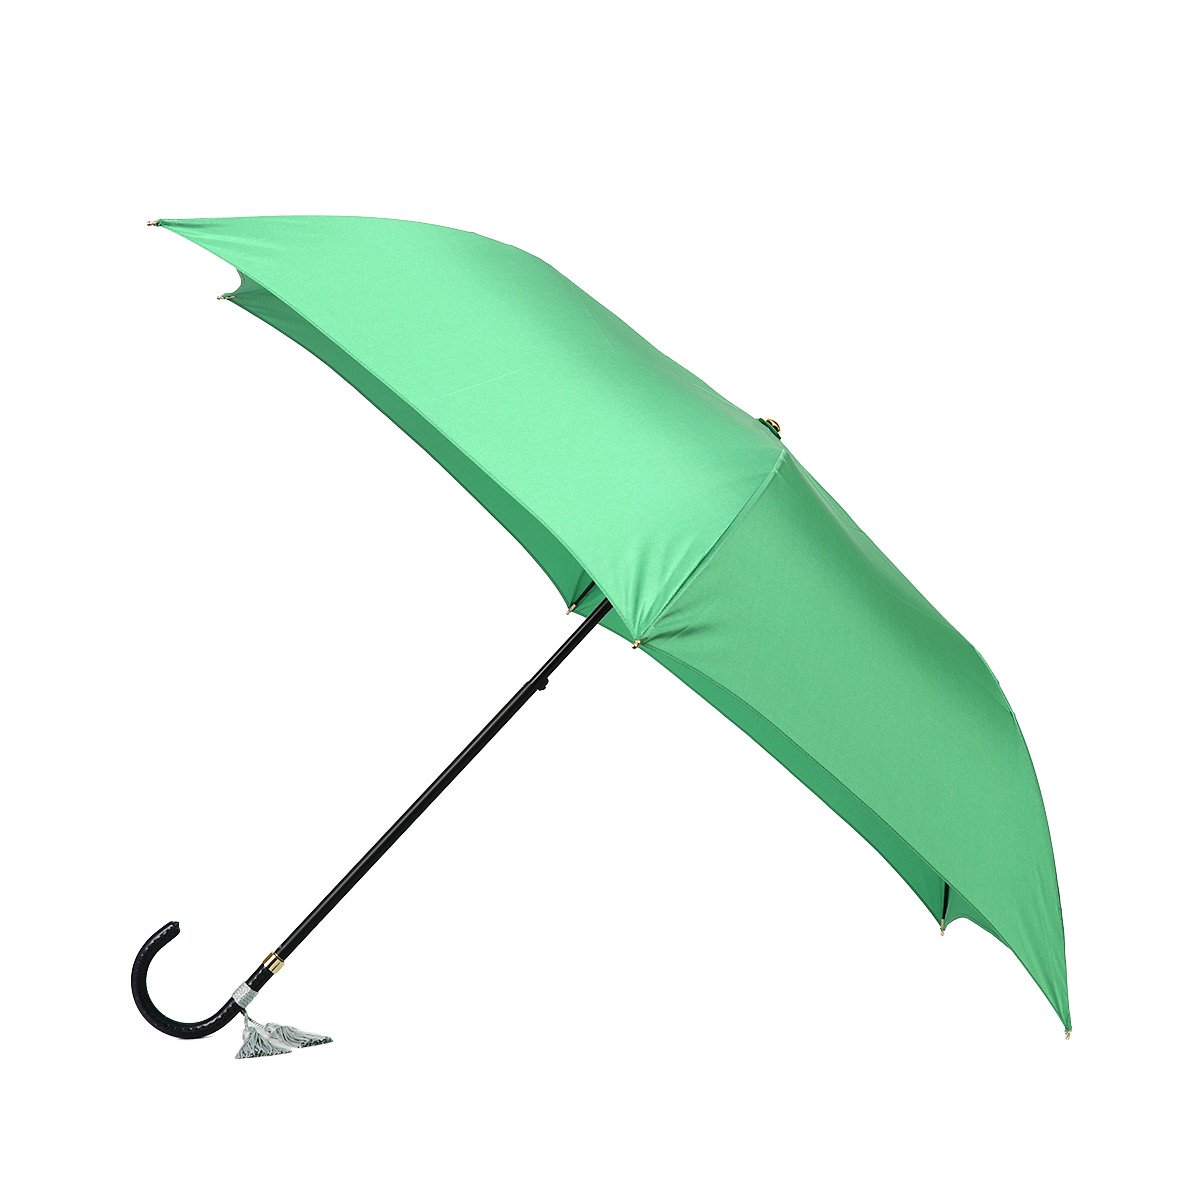 東京ノーブル 無地 折りたたみ傘 詳細画像7